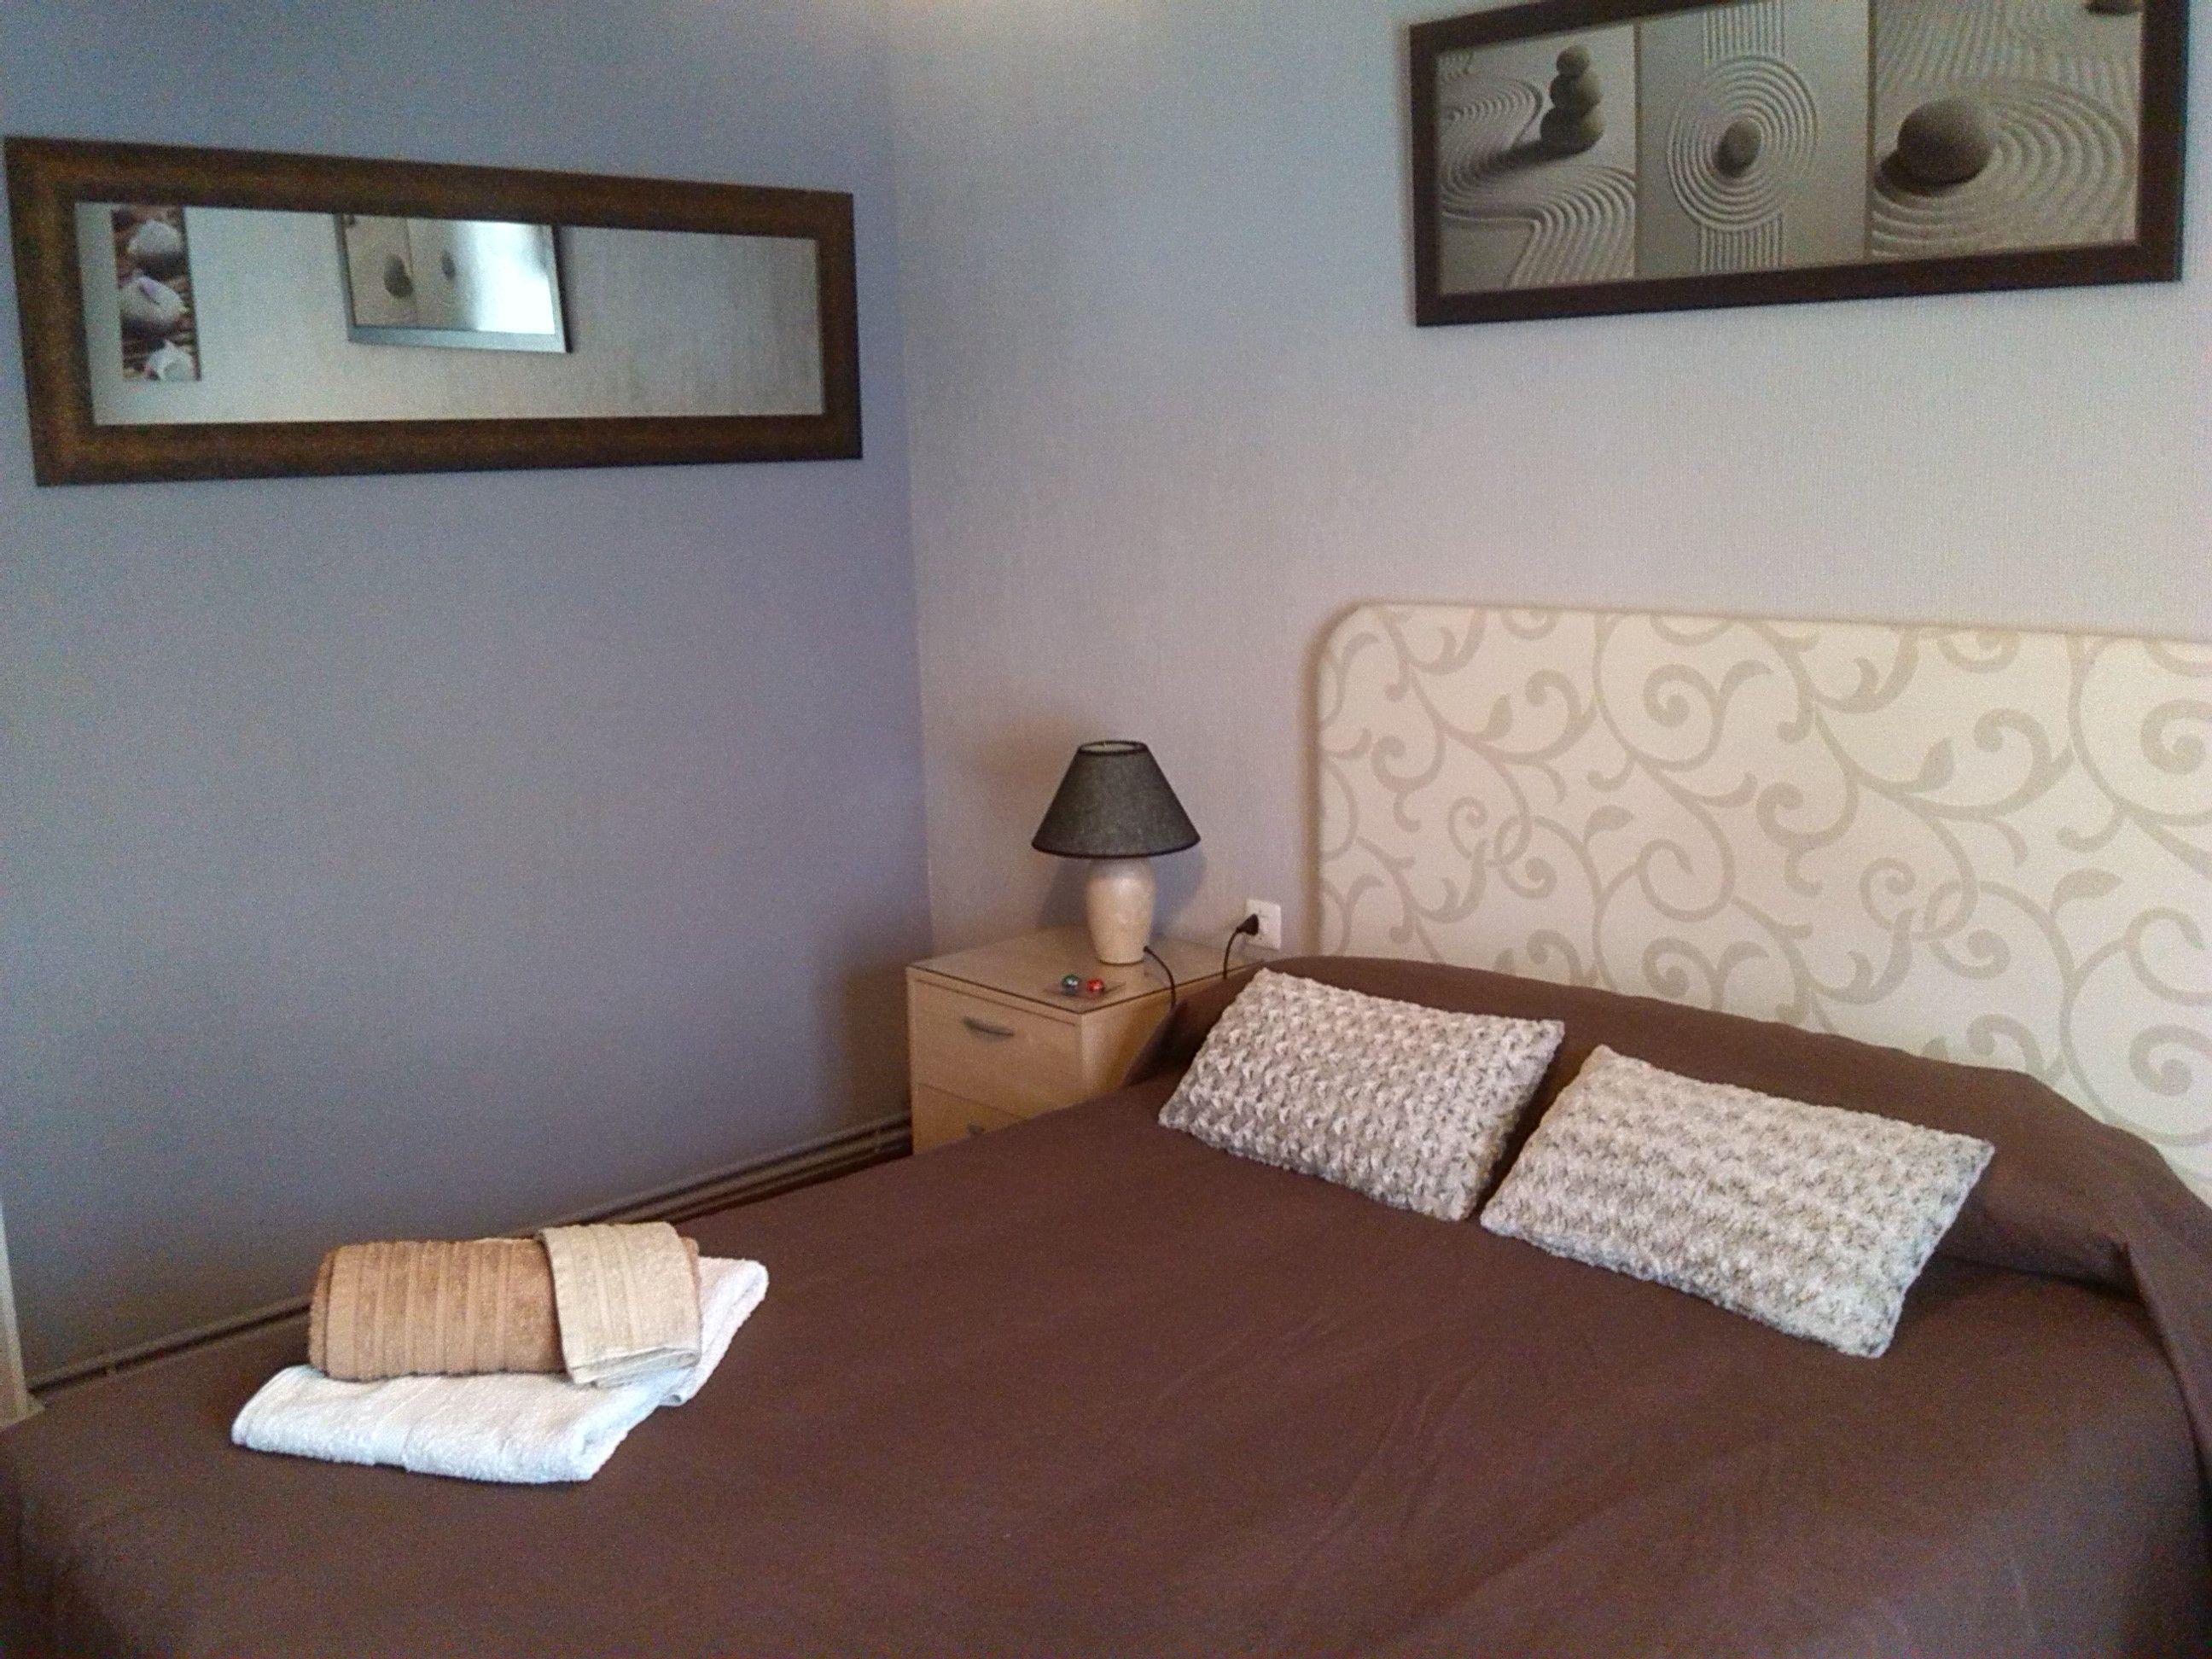 Agradable apartamento en Segovia de 3 habitaciones